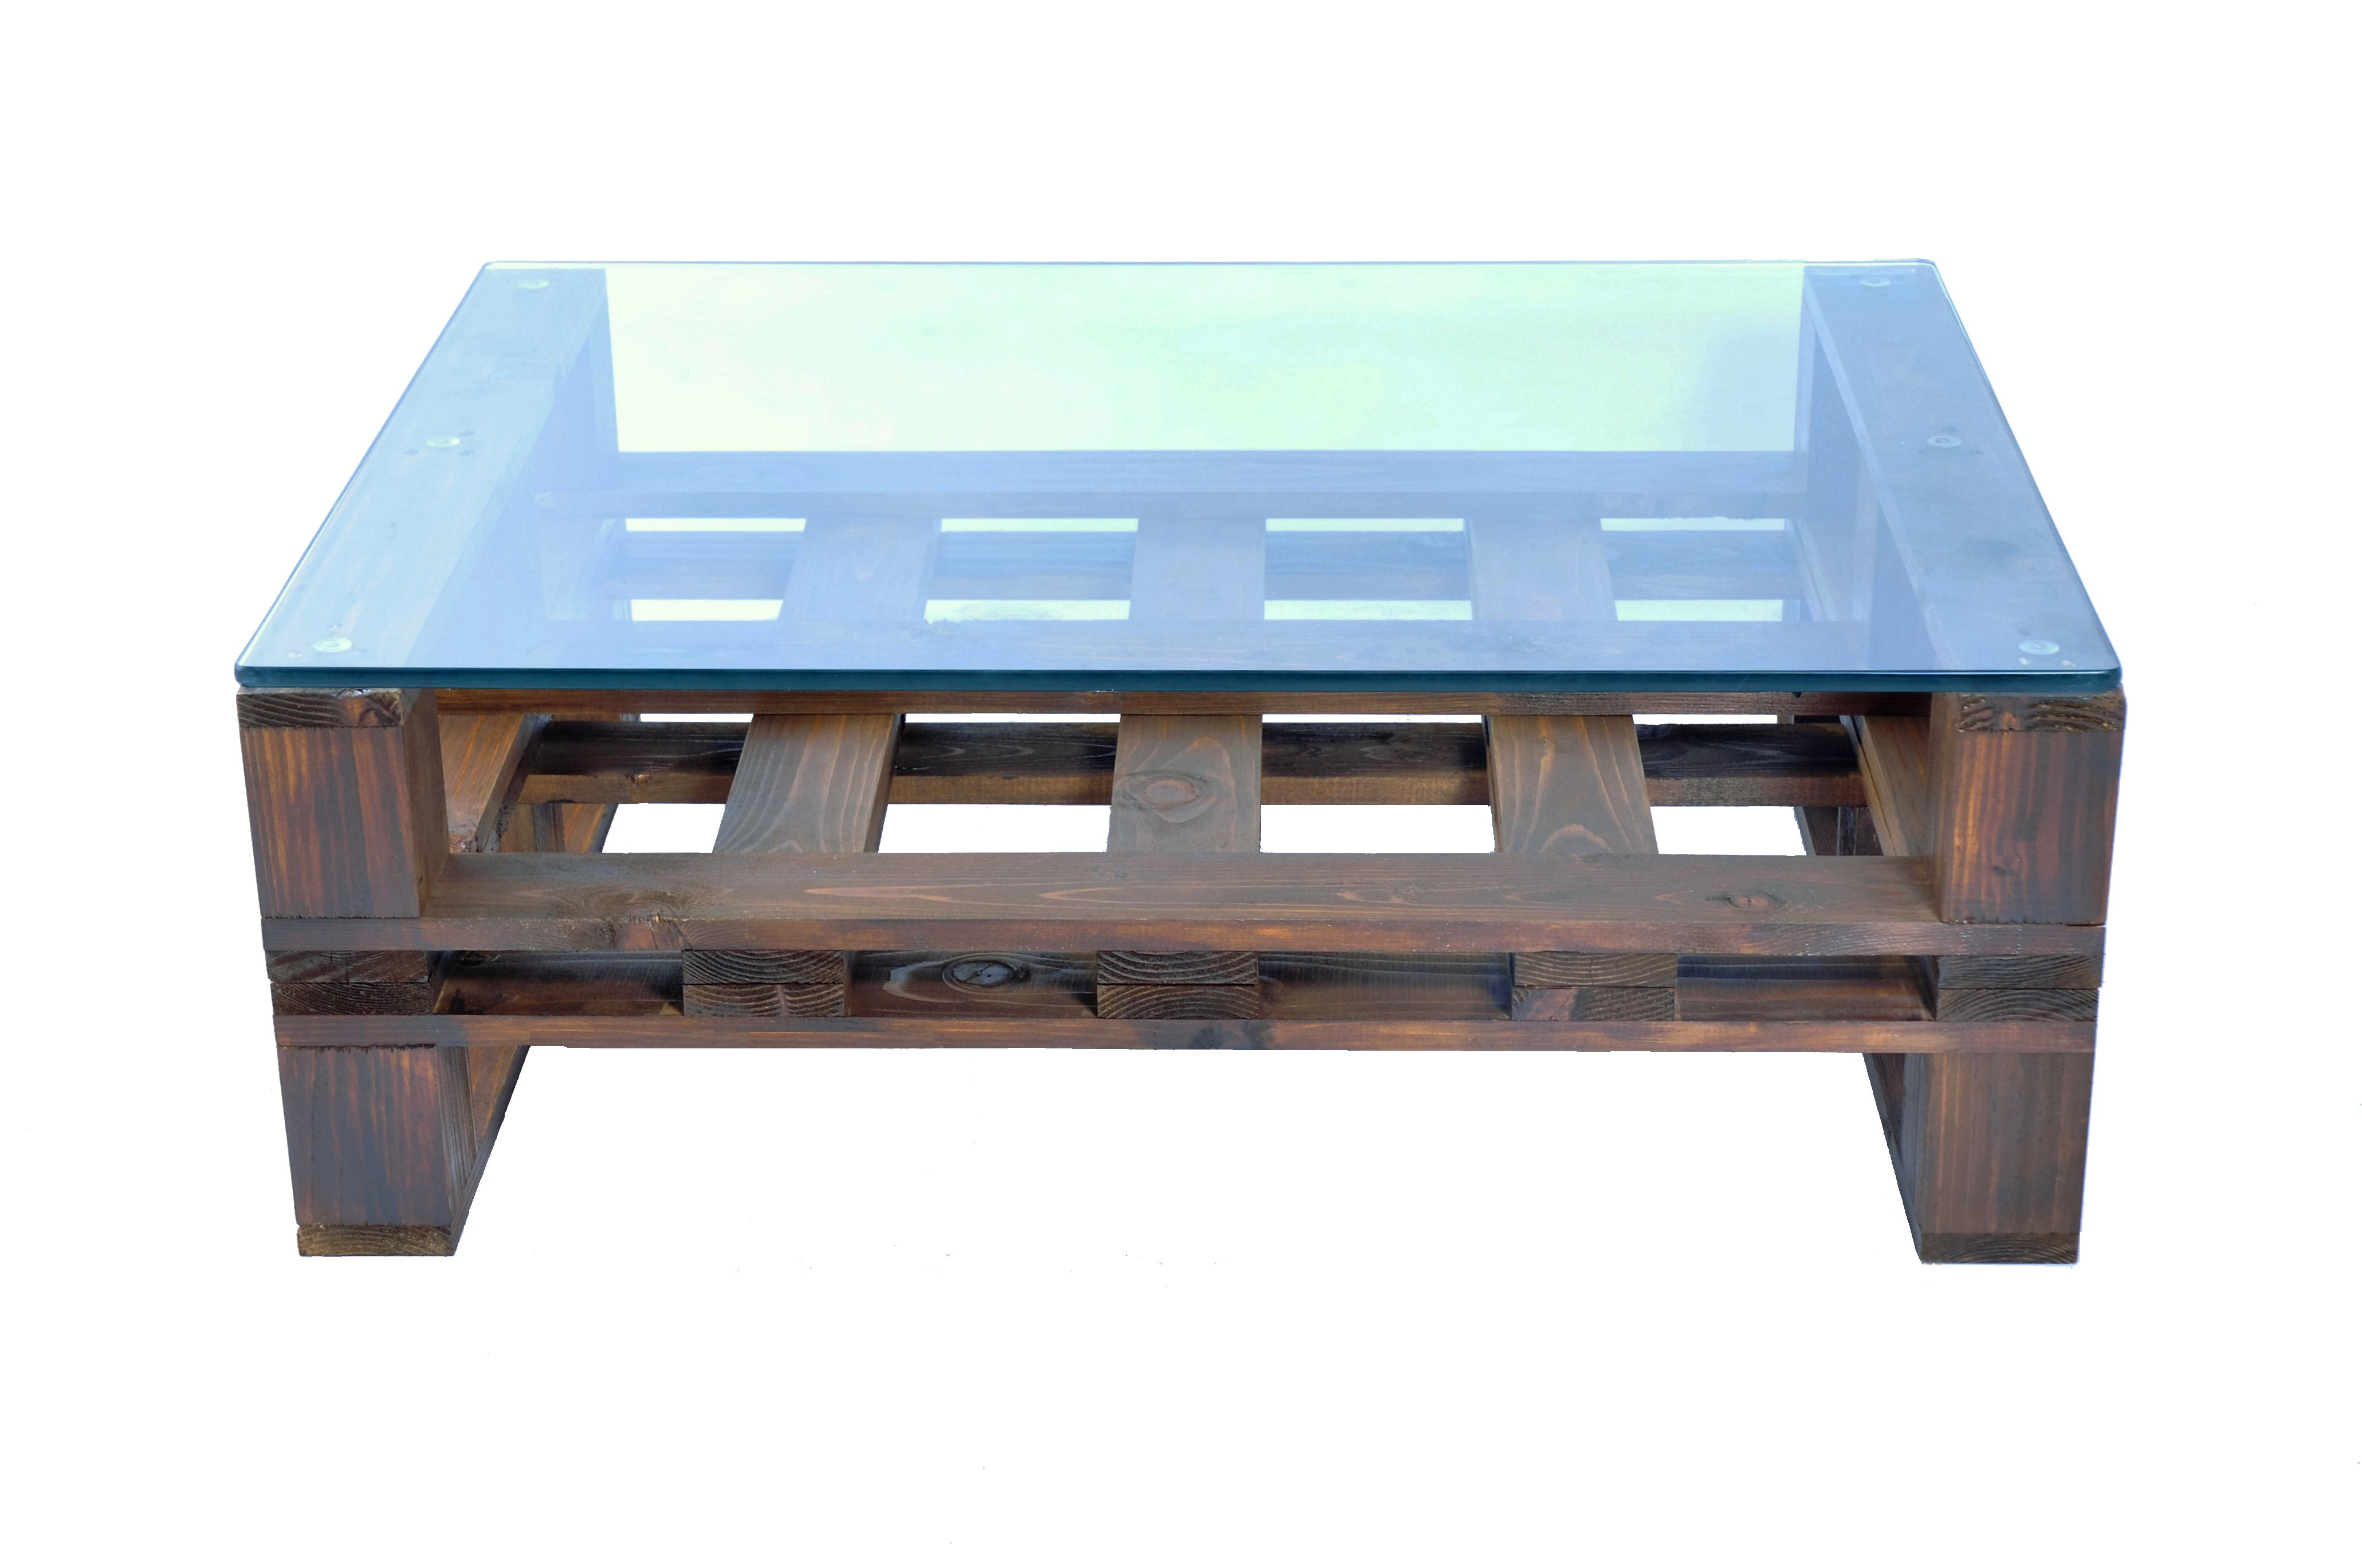 Tavolino Basso 60x80 Con Vetro #2B62A0 4123 2737 Tavoli Da Pranzo Con Pallet